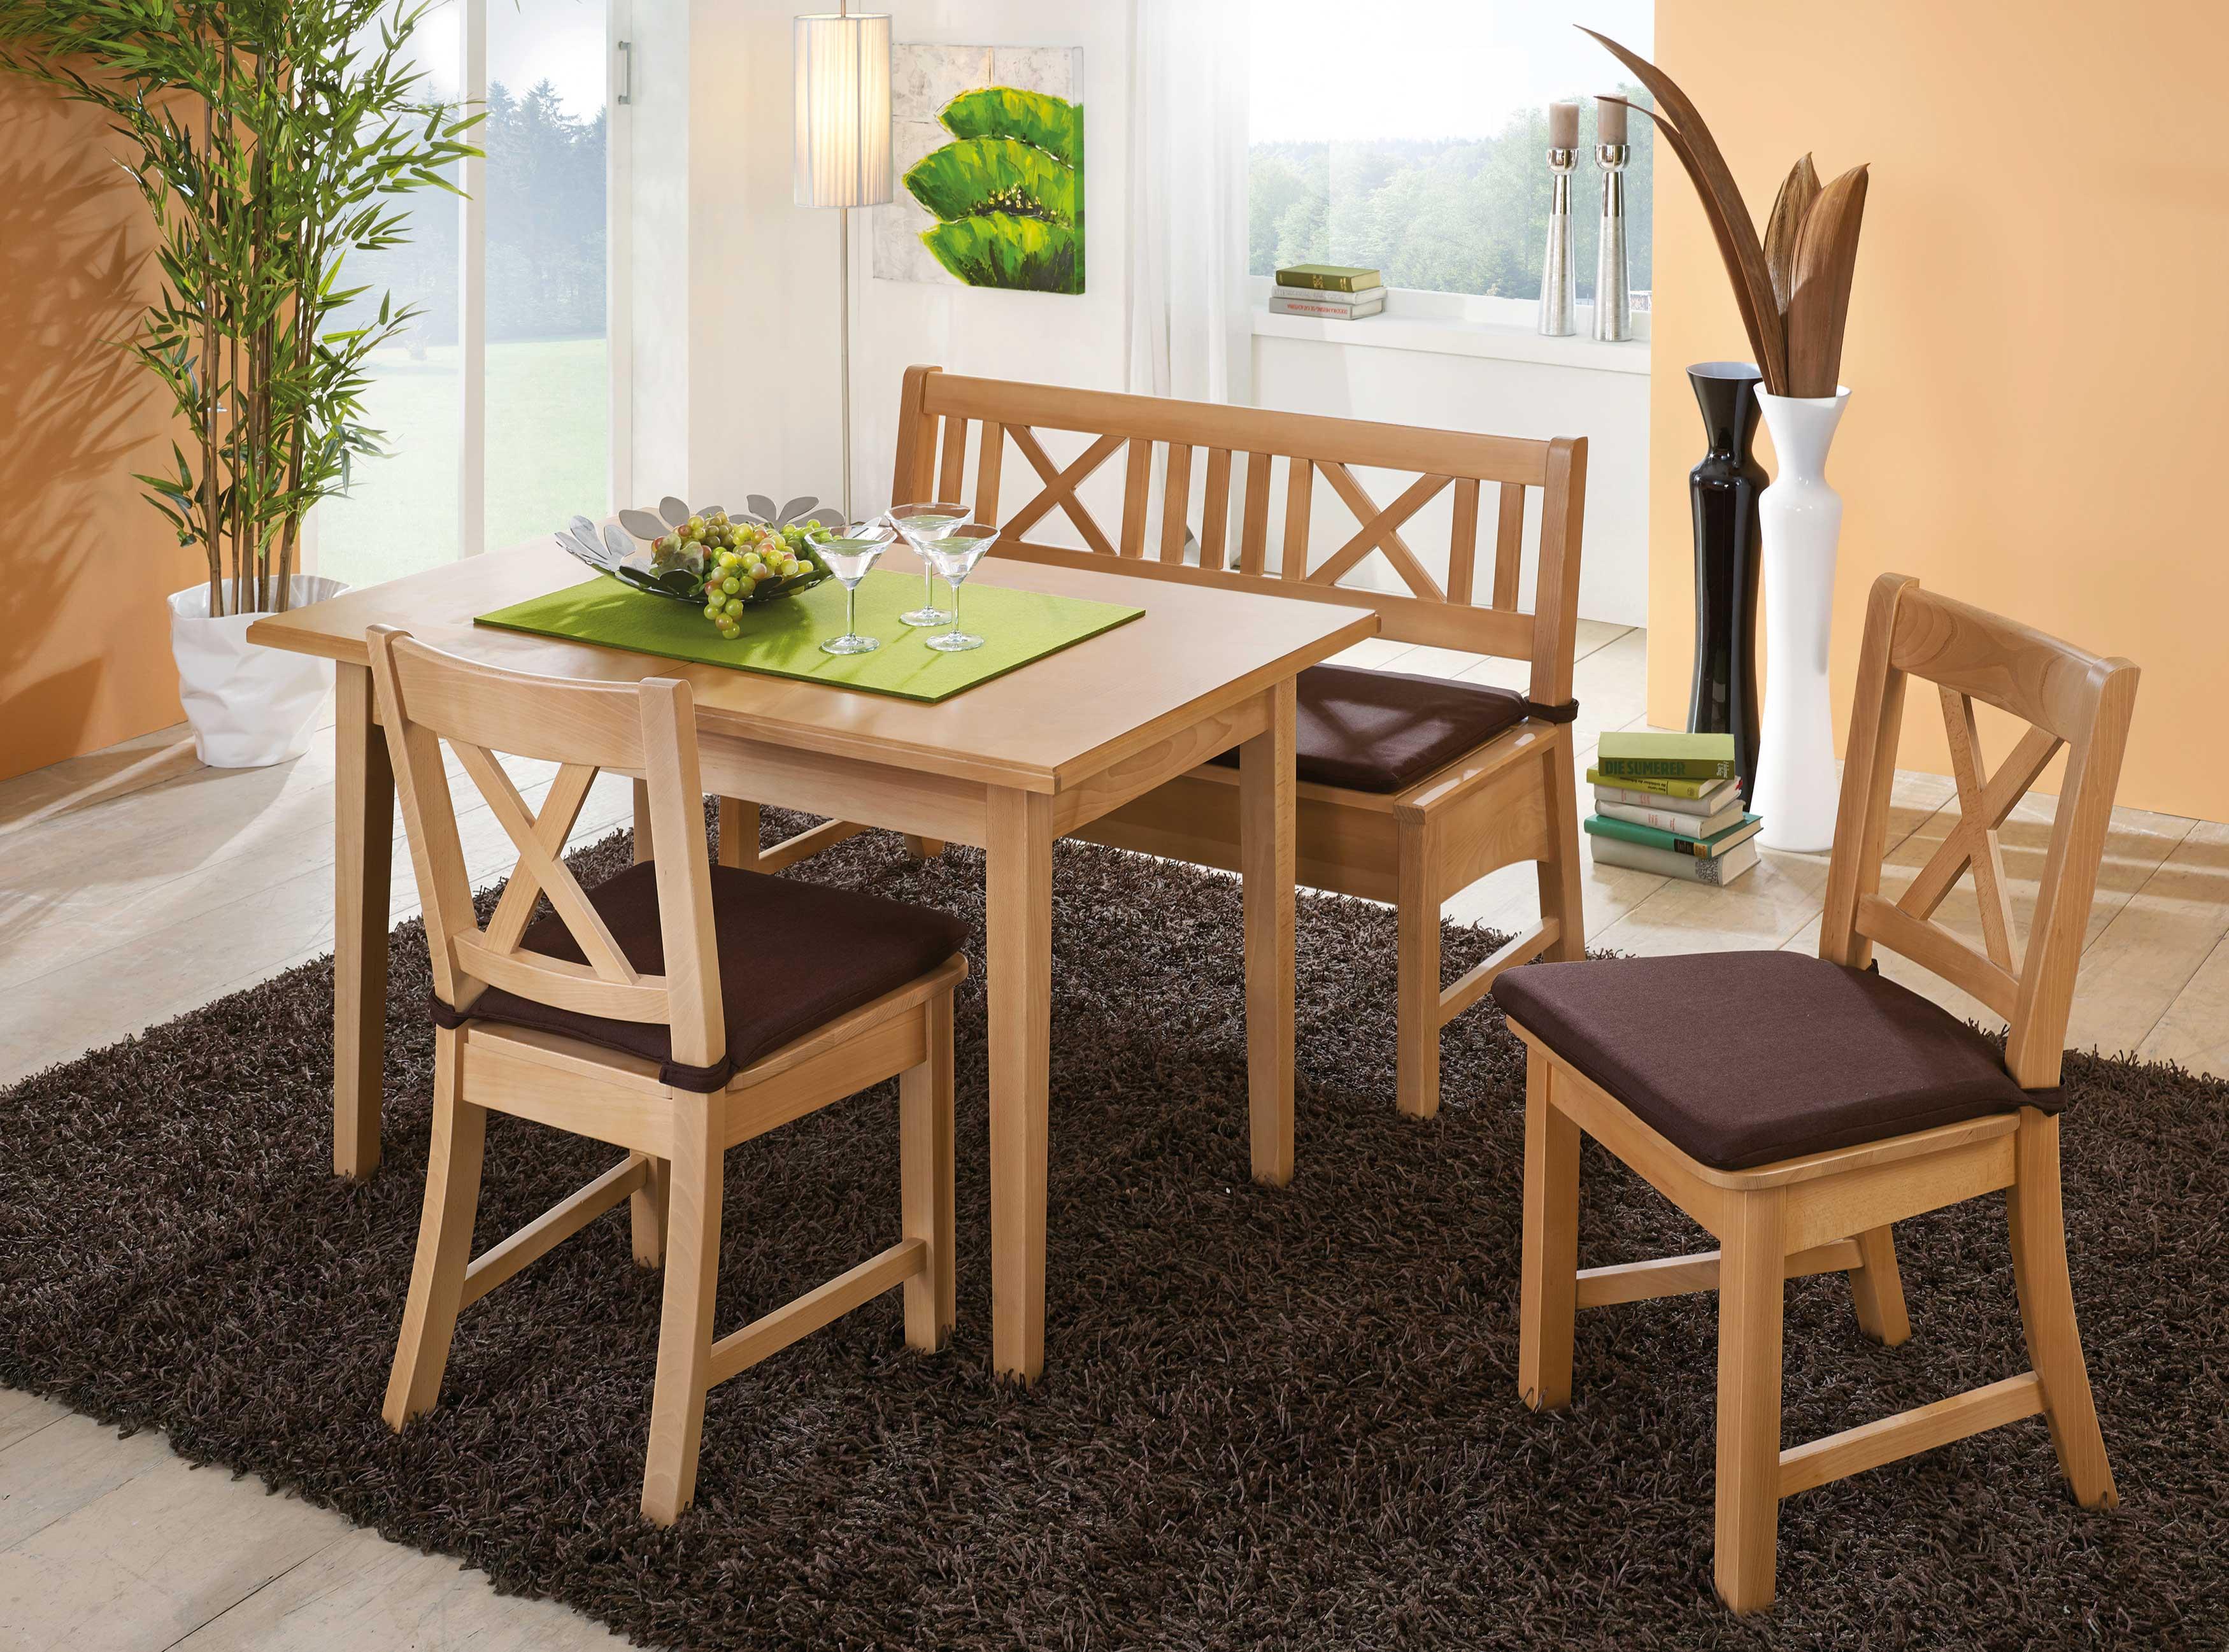 Schösswender Bodensee Tischgruppe mit Stühlen und Bank im Landhausstil